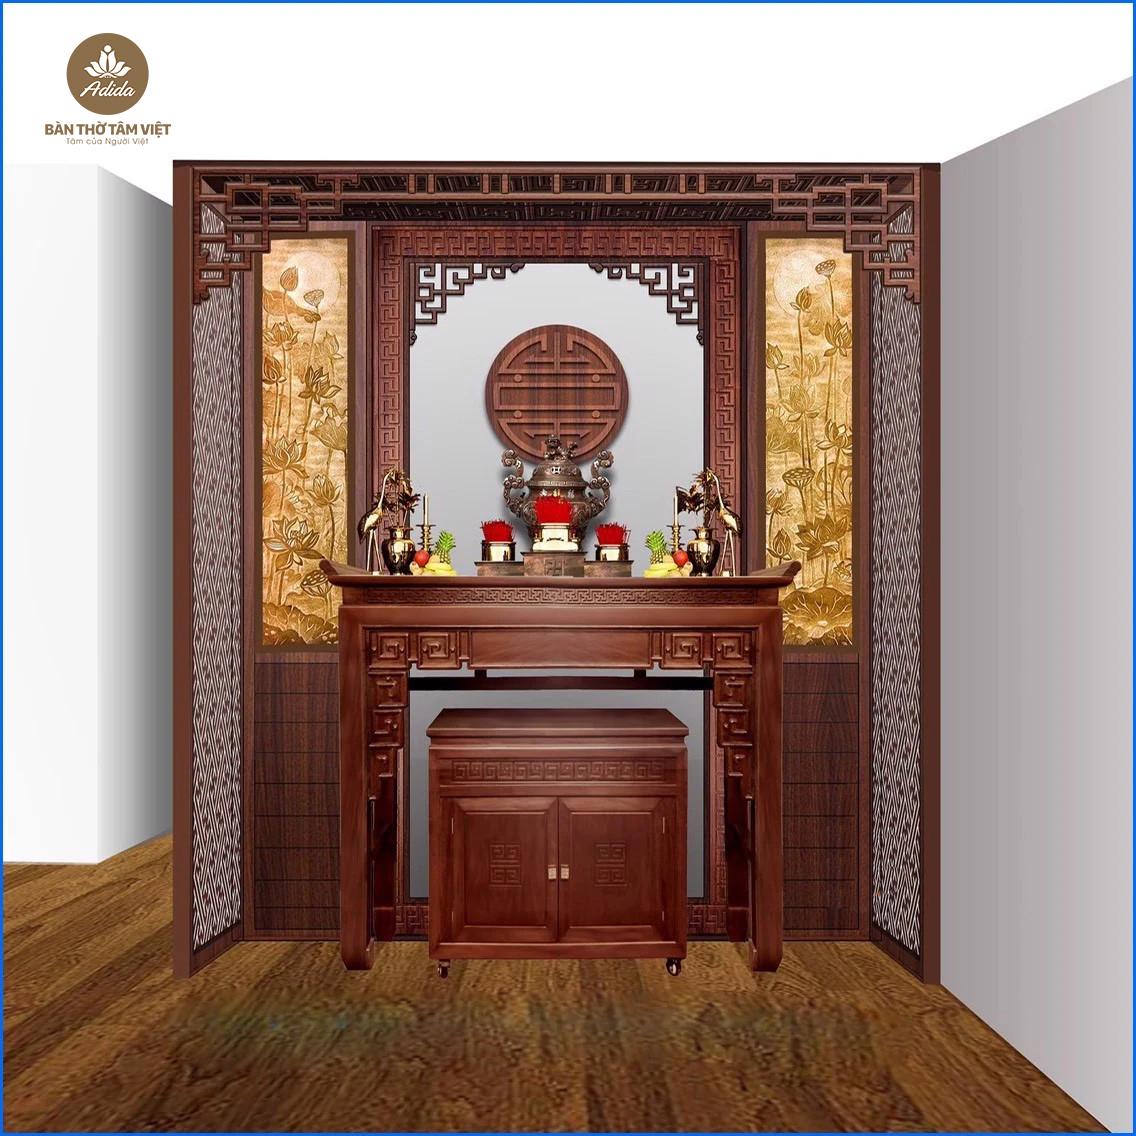 Bàn thờ Phú Quý - TT078 - Bàn Thờ Tâm Việt - Chuyên Sản Xuất Và Phân Phối Bàn Thờ Dành Cho Người Việt